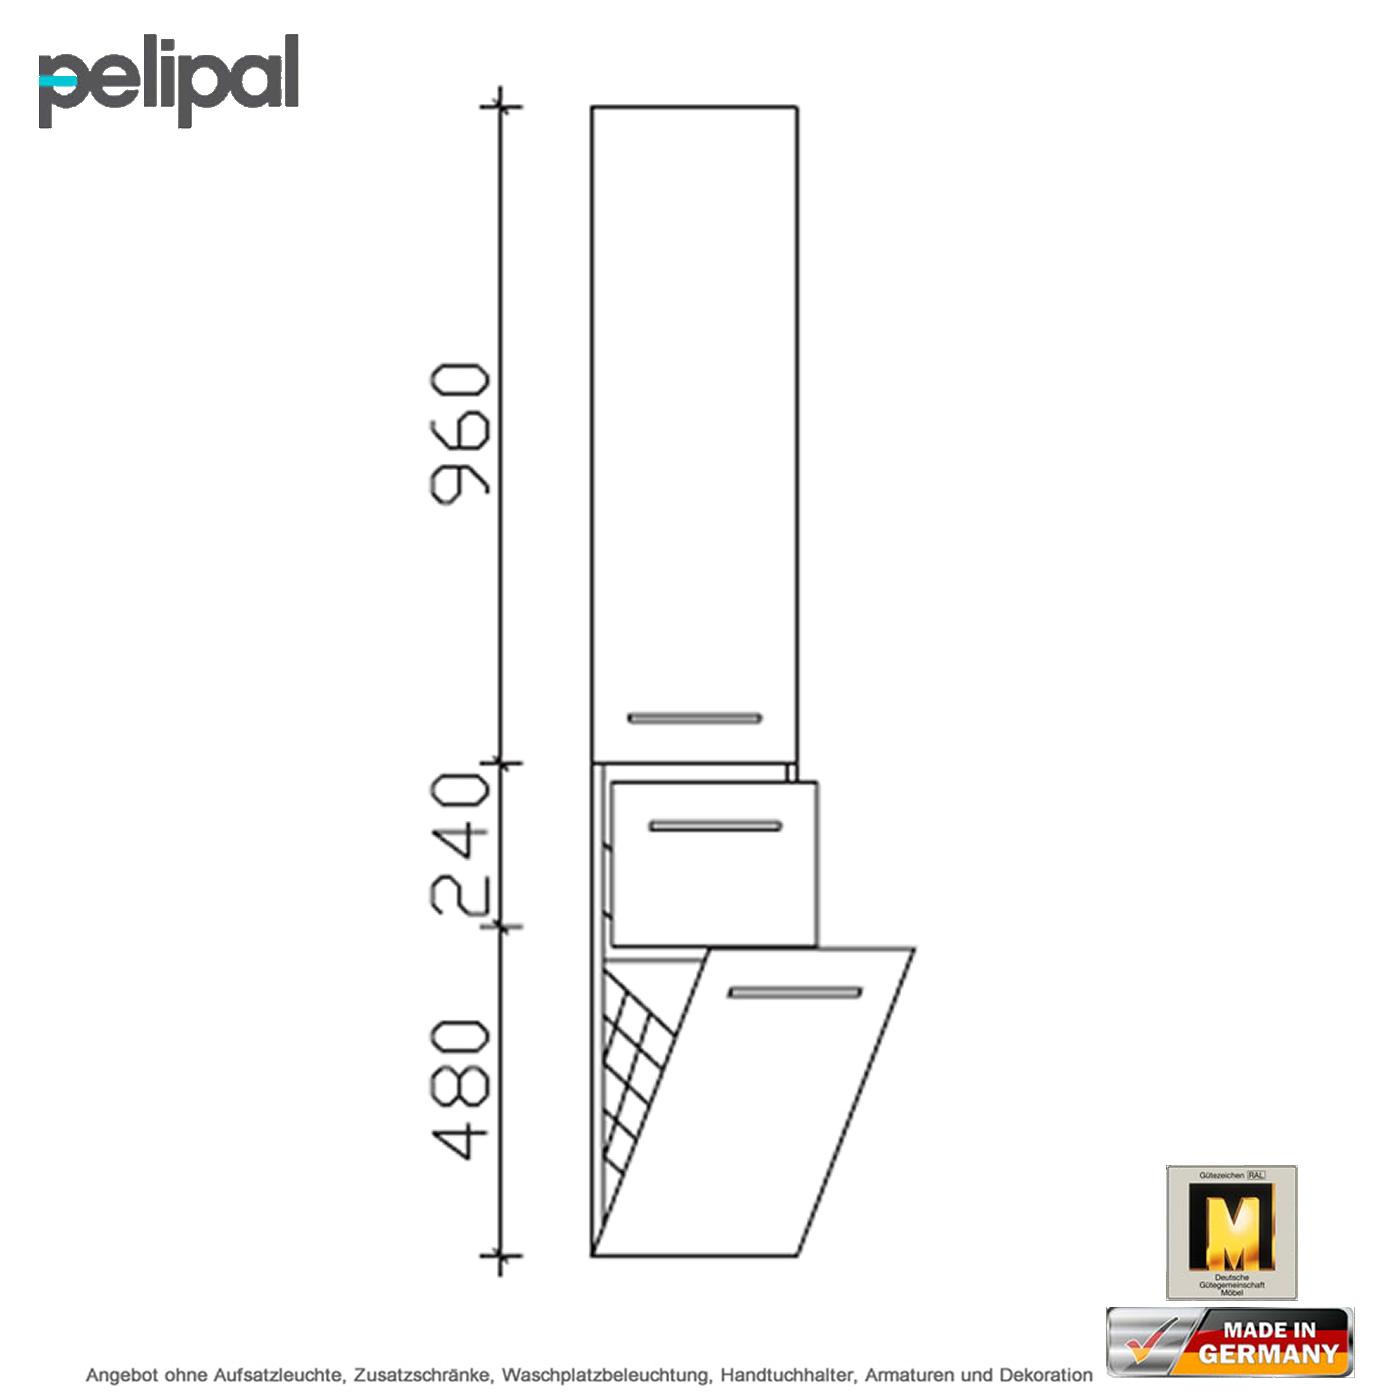 Pelipal Solitaire 7025 Hochschrank Mit Waschekippe 30 Cm Impulsbad